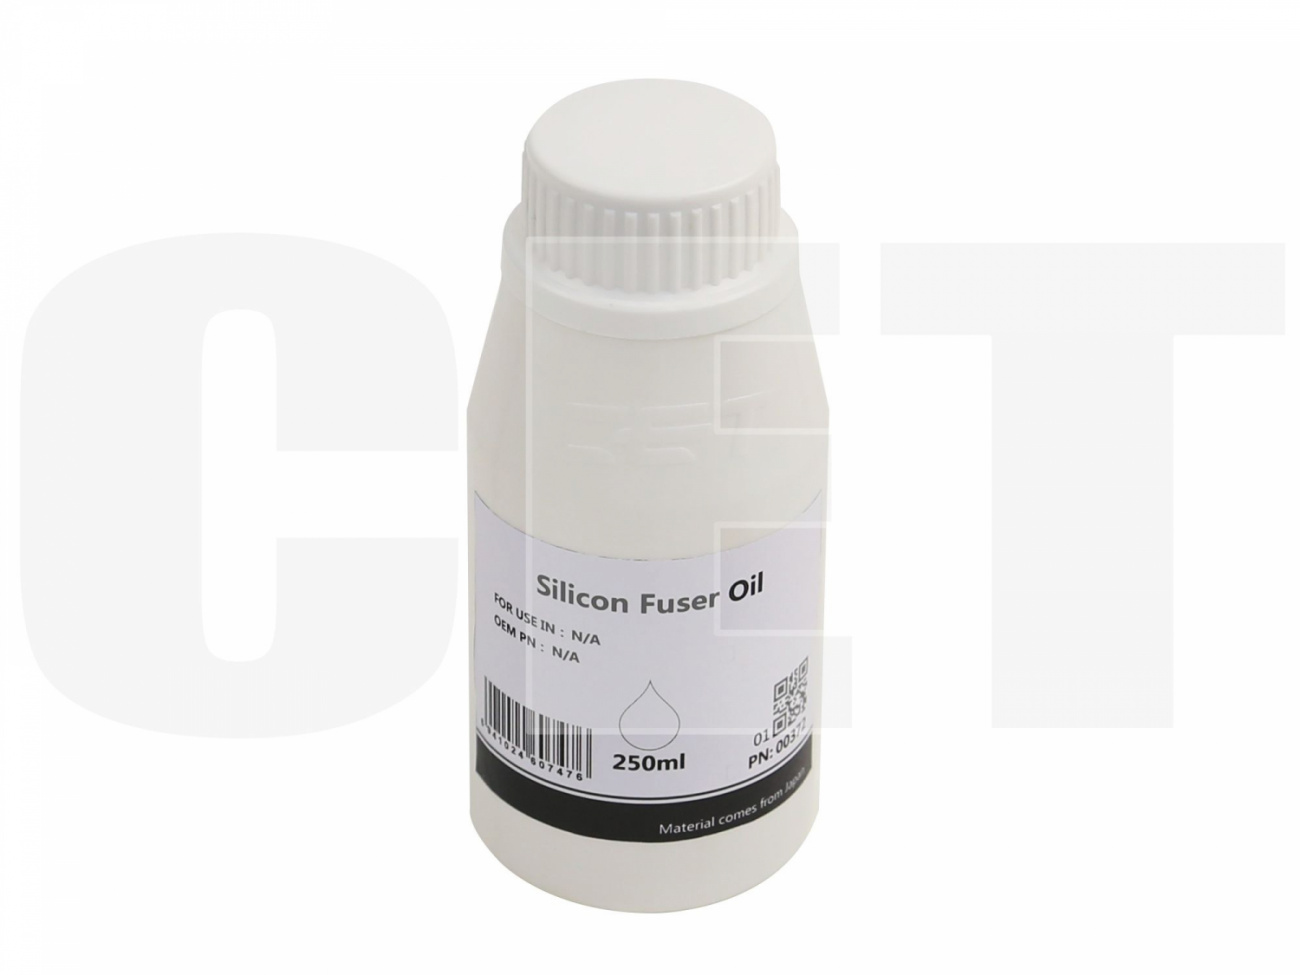 Смазка силиконовая для термопленок для KYOCERA, RICOH (CET), 250мл, CLS0372